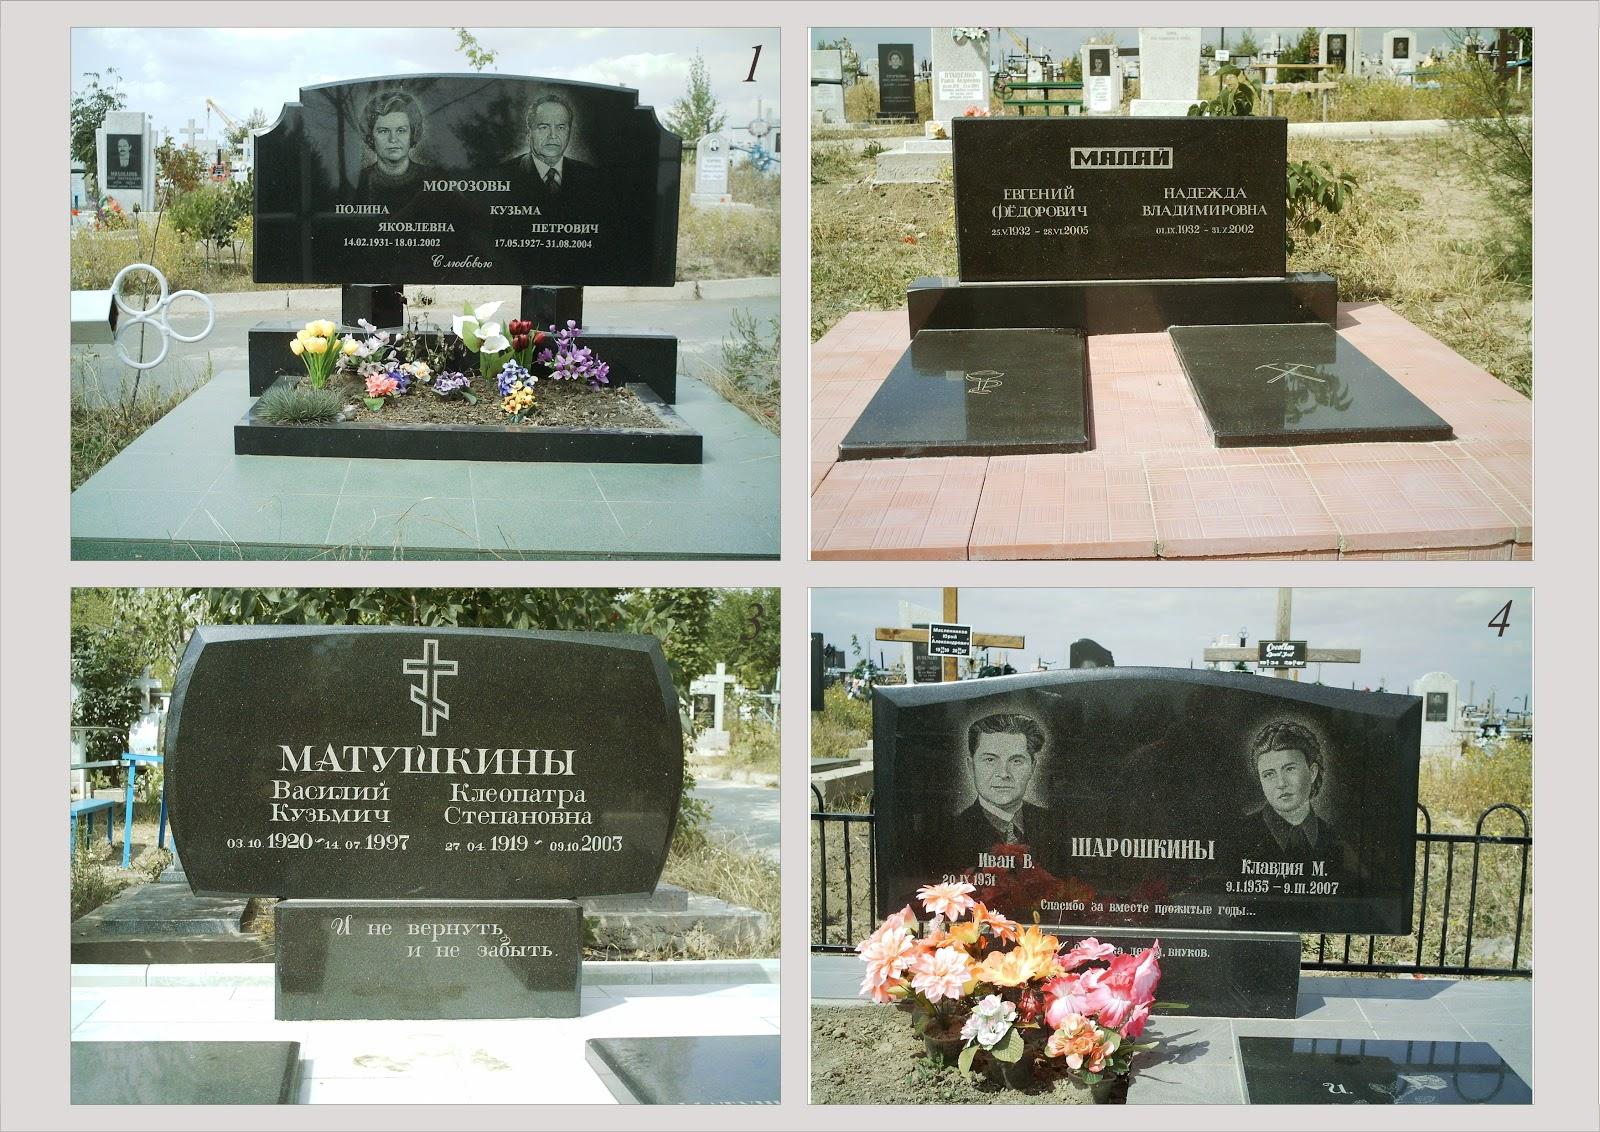 Надгробные двойные памятники из гранита и мрамора фото цена что пишут когда умирает человек